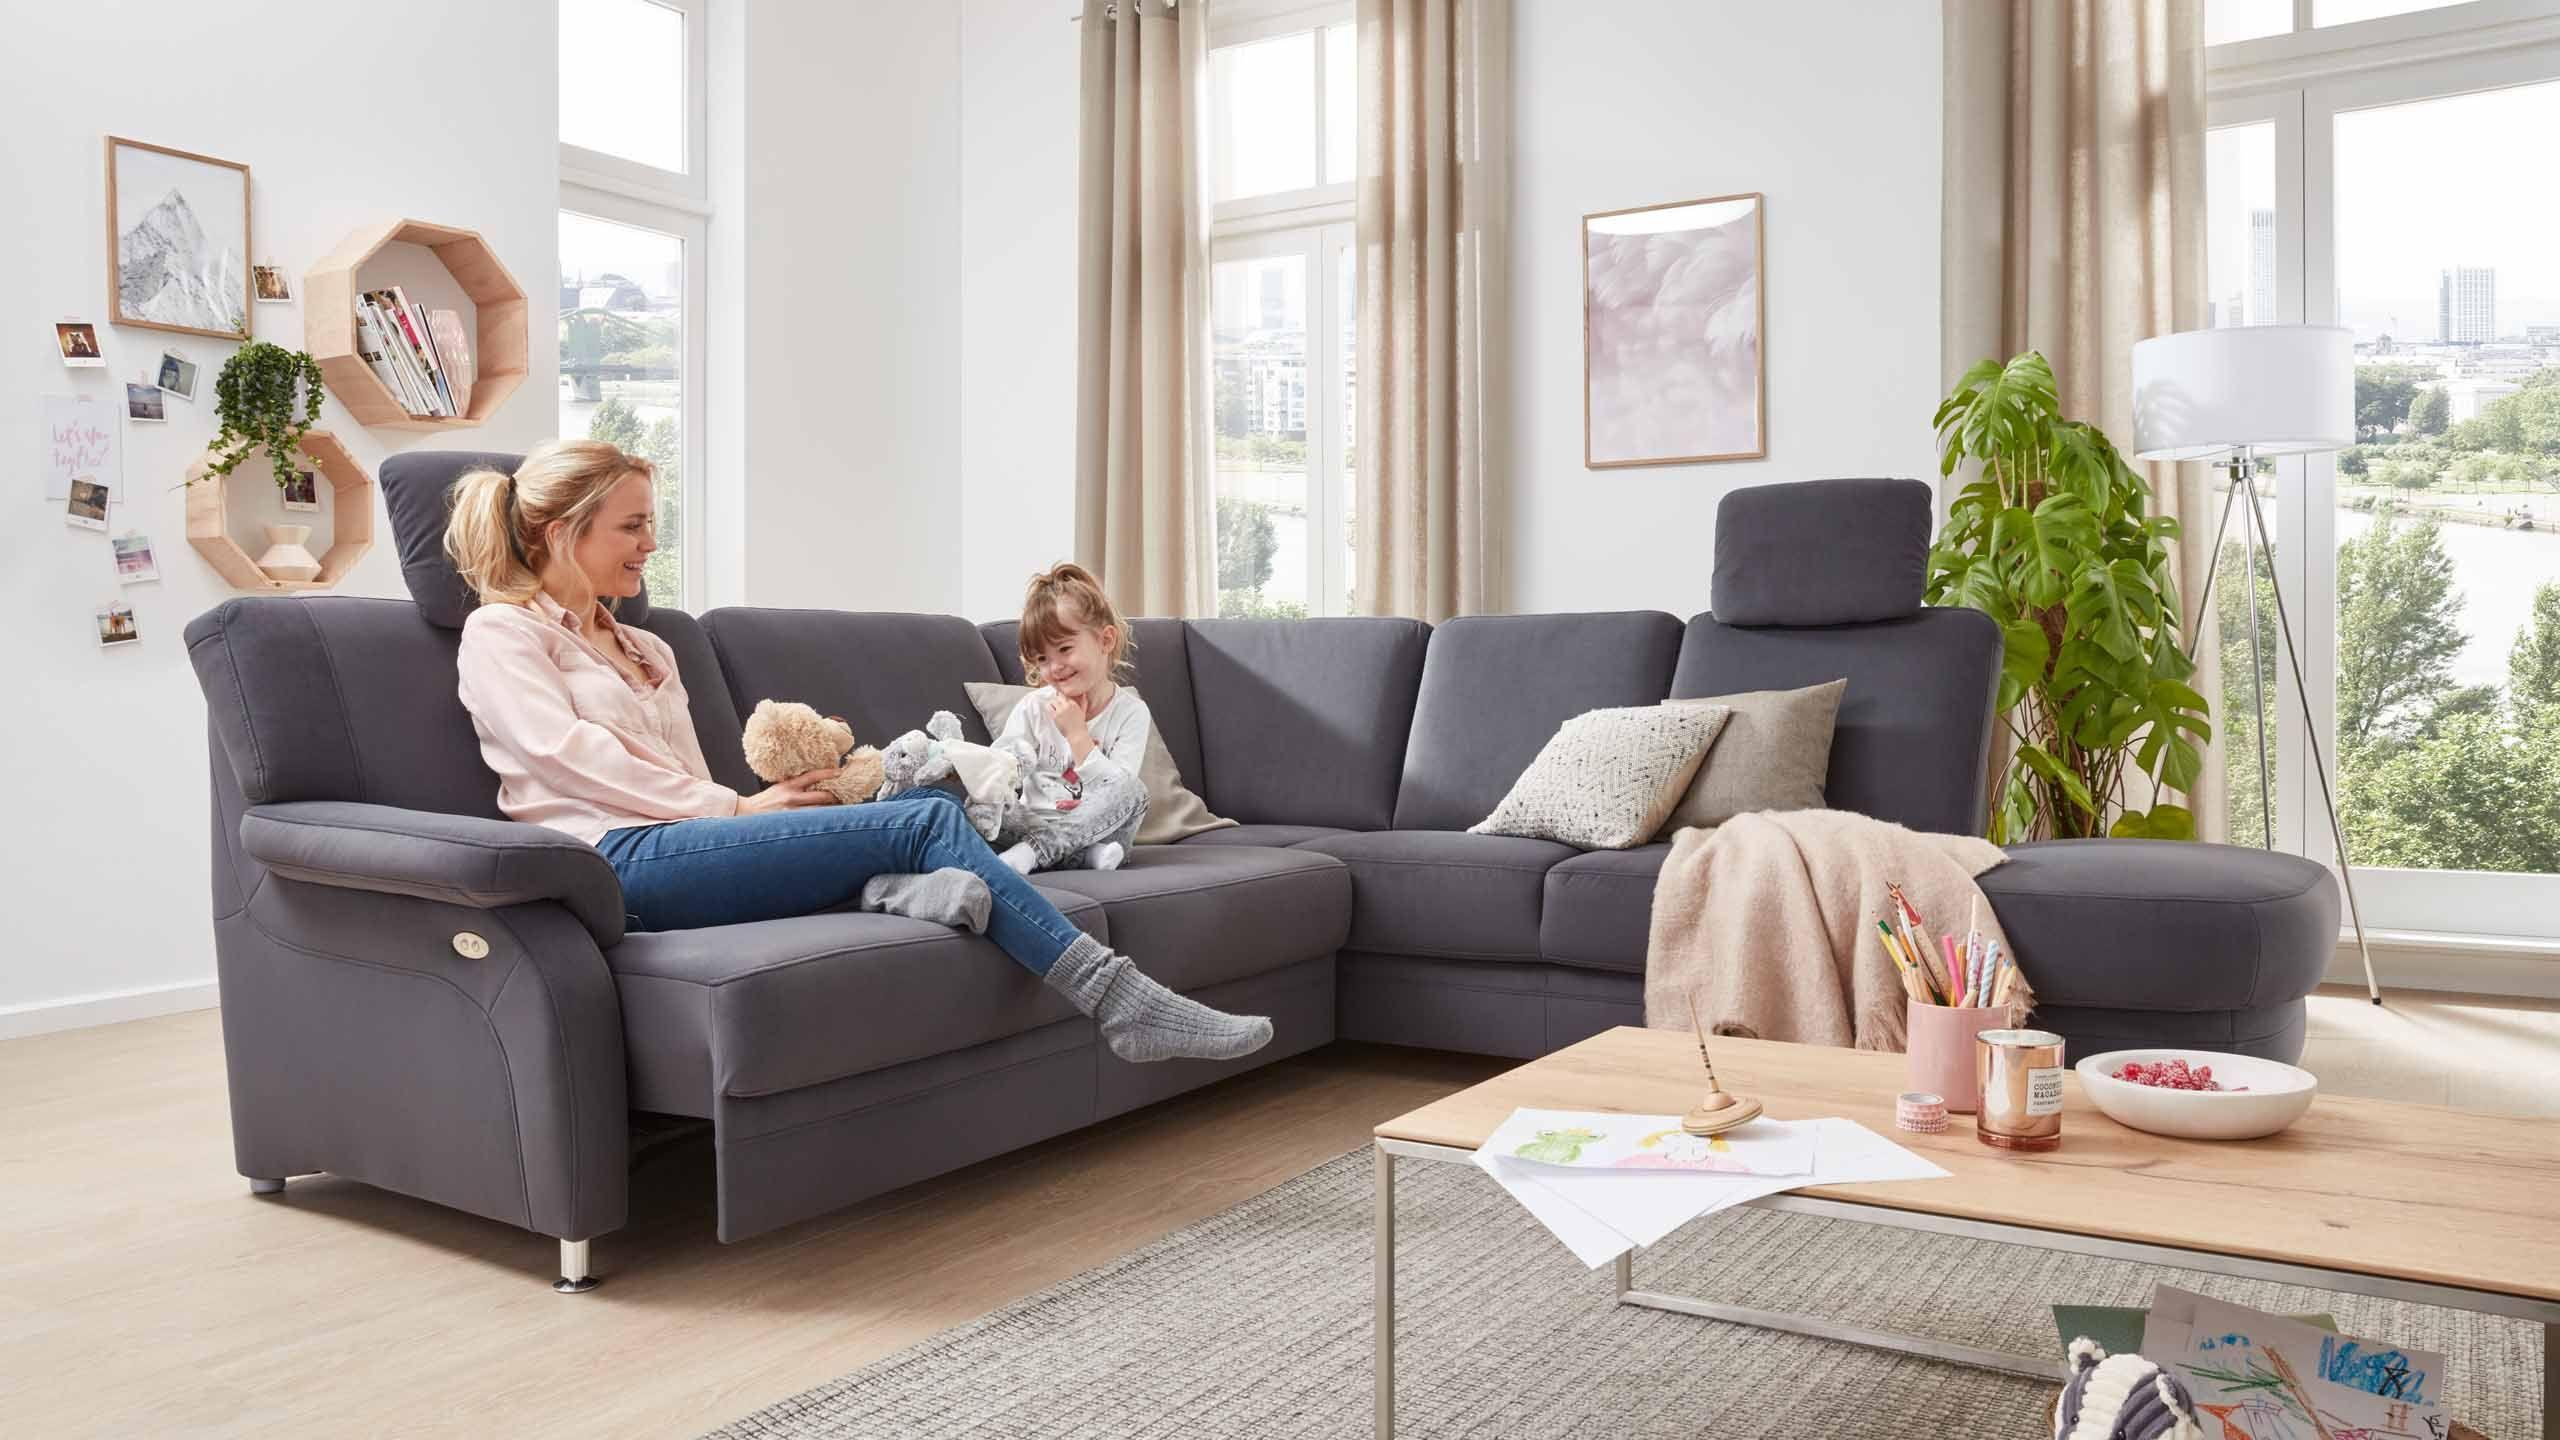 Full Size of Sofa Elektrisch Leder Elektrische Sitztiefenverstellung Verstellbar Statisch Geladen Aufgeladen Was Tun Ausfahrbar Warum Ist Mein Mit Elektrischer Sitzvorzug Sofa Sofa Elektrisch